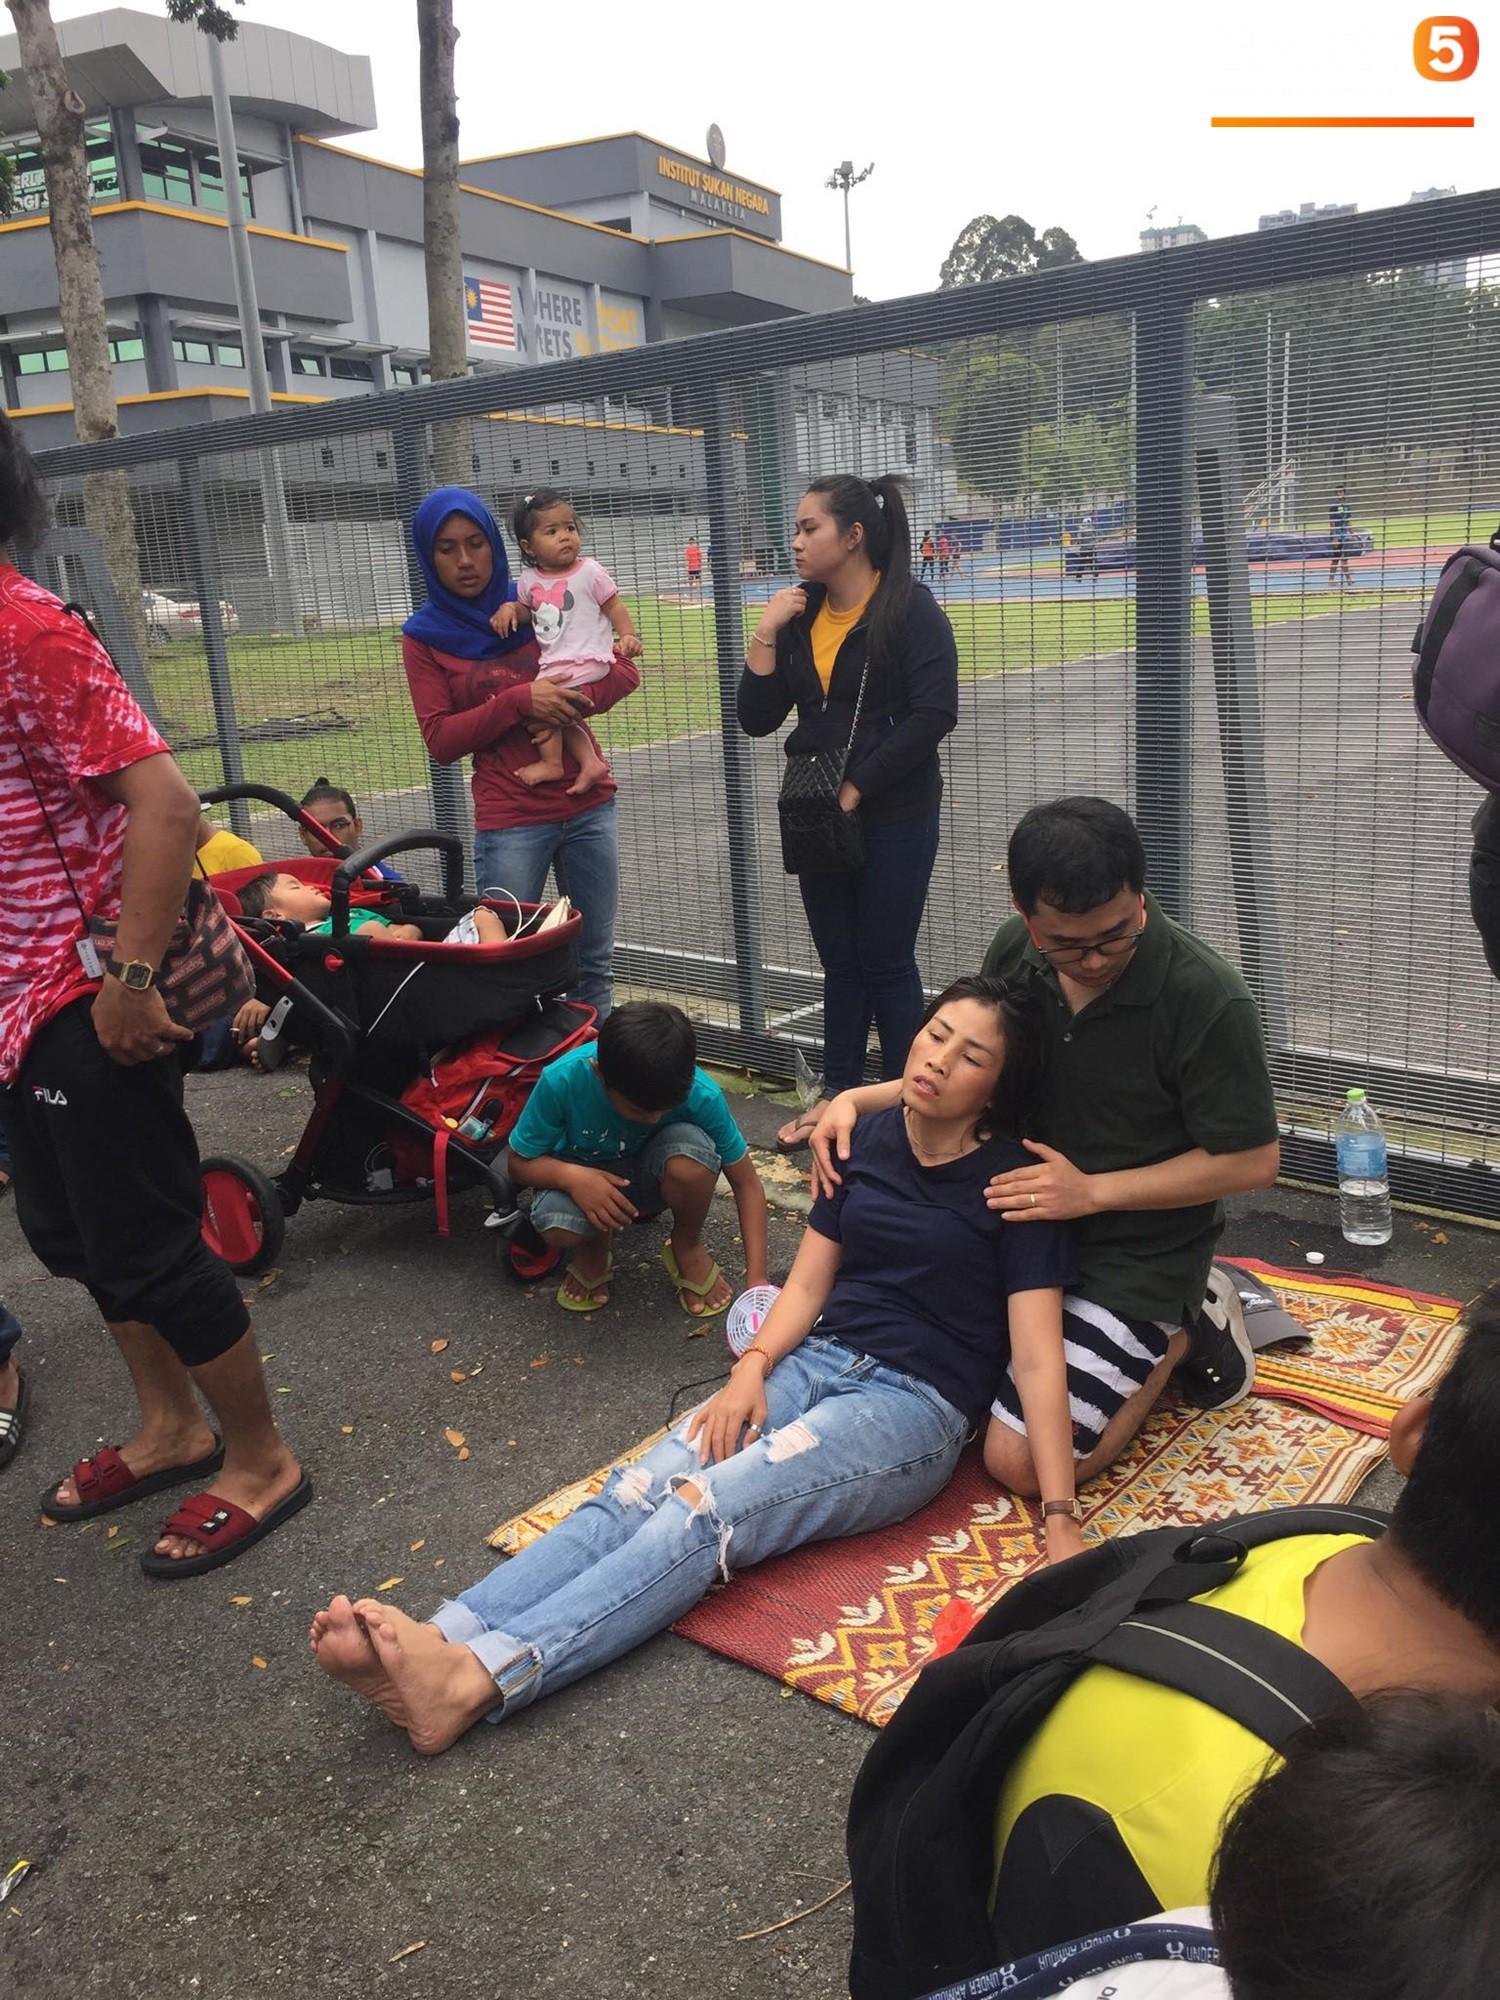 Kinh hoàng cảnh mua vé xem chung kết AFF Cup tại Malaysia: Nhiều người kiệt sức, nằm la liệt bên đường 3